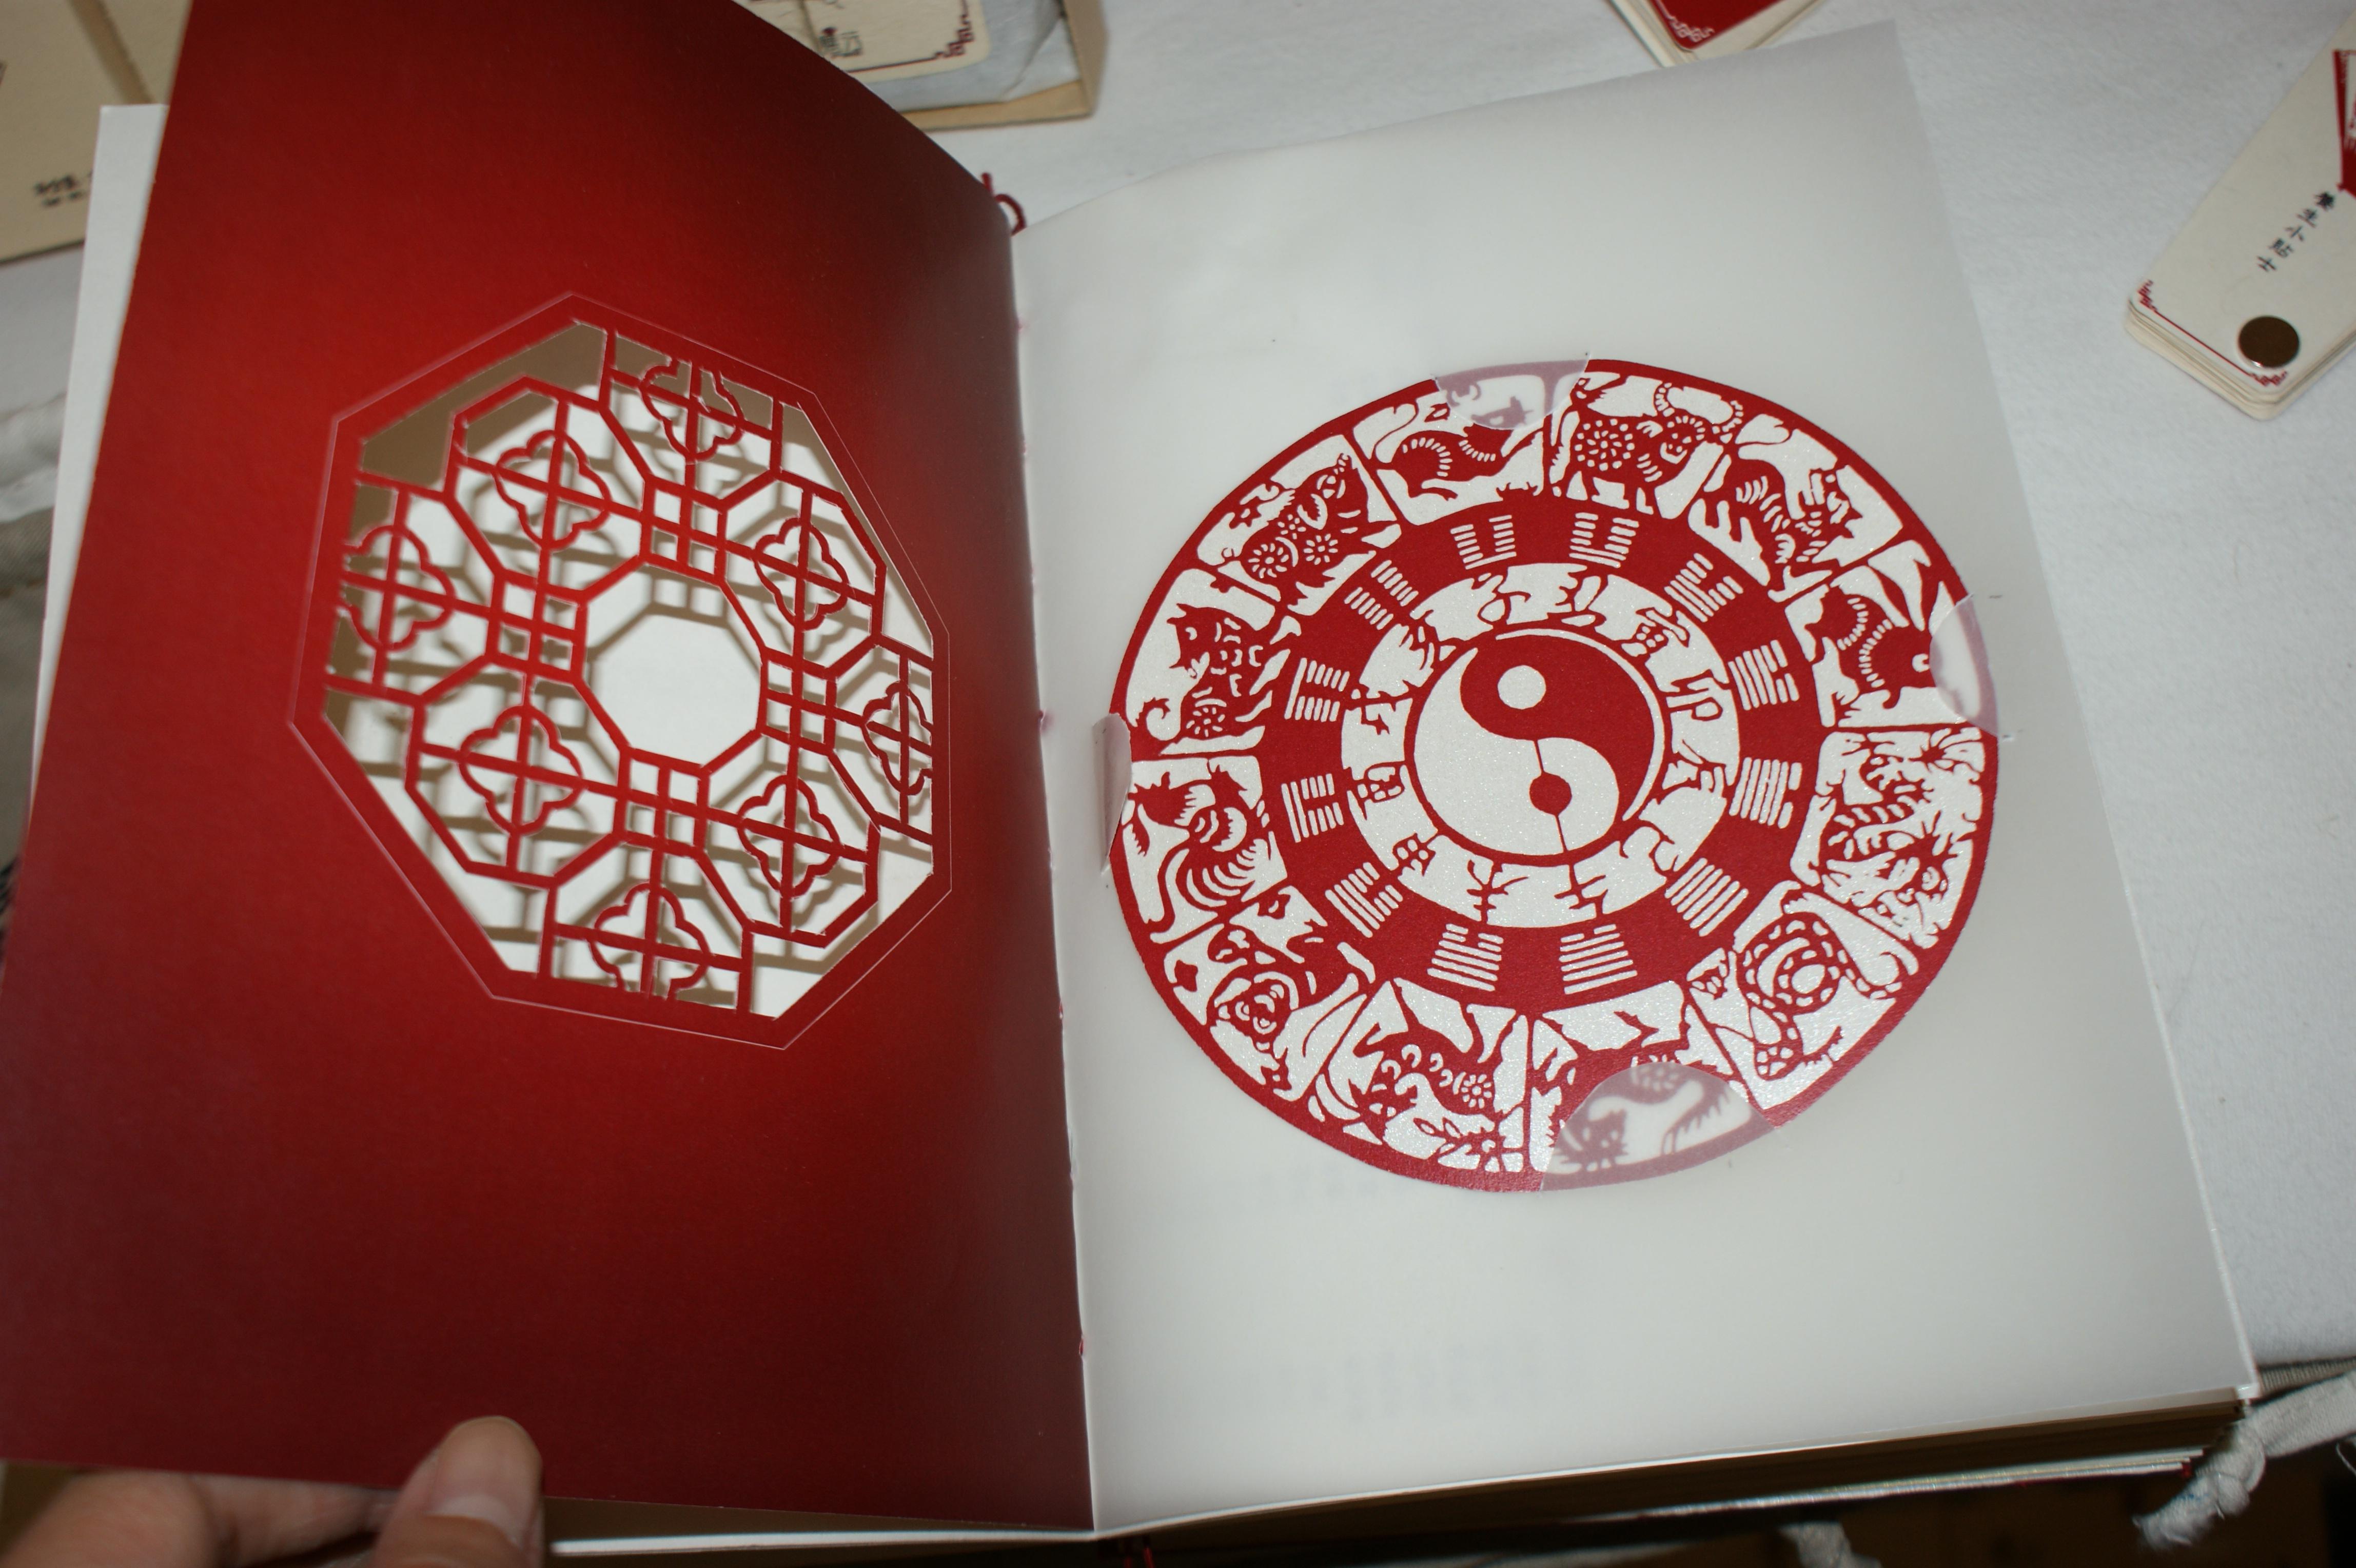 优秀毕业设计|平面|包装|wanfen - 原创作品 - 站酷图片